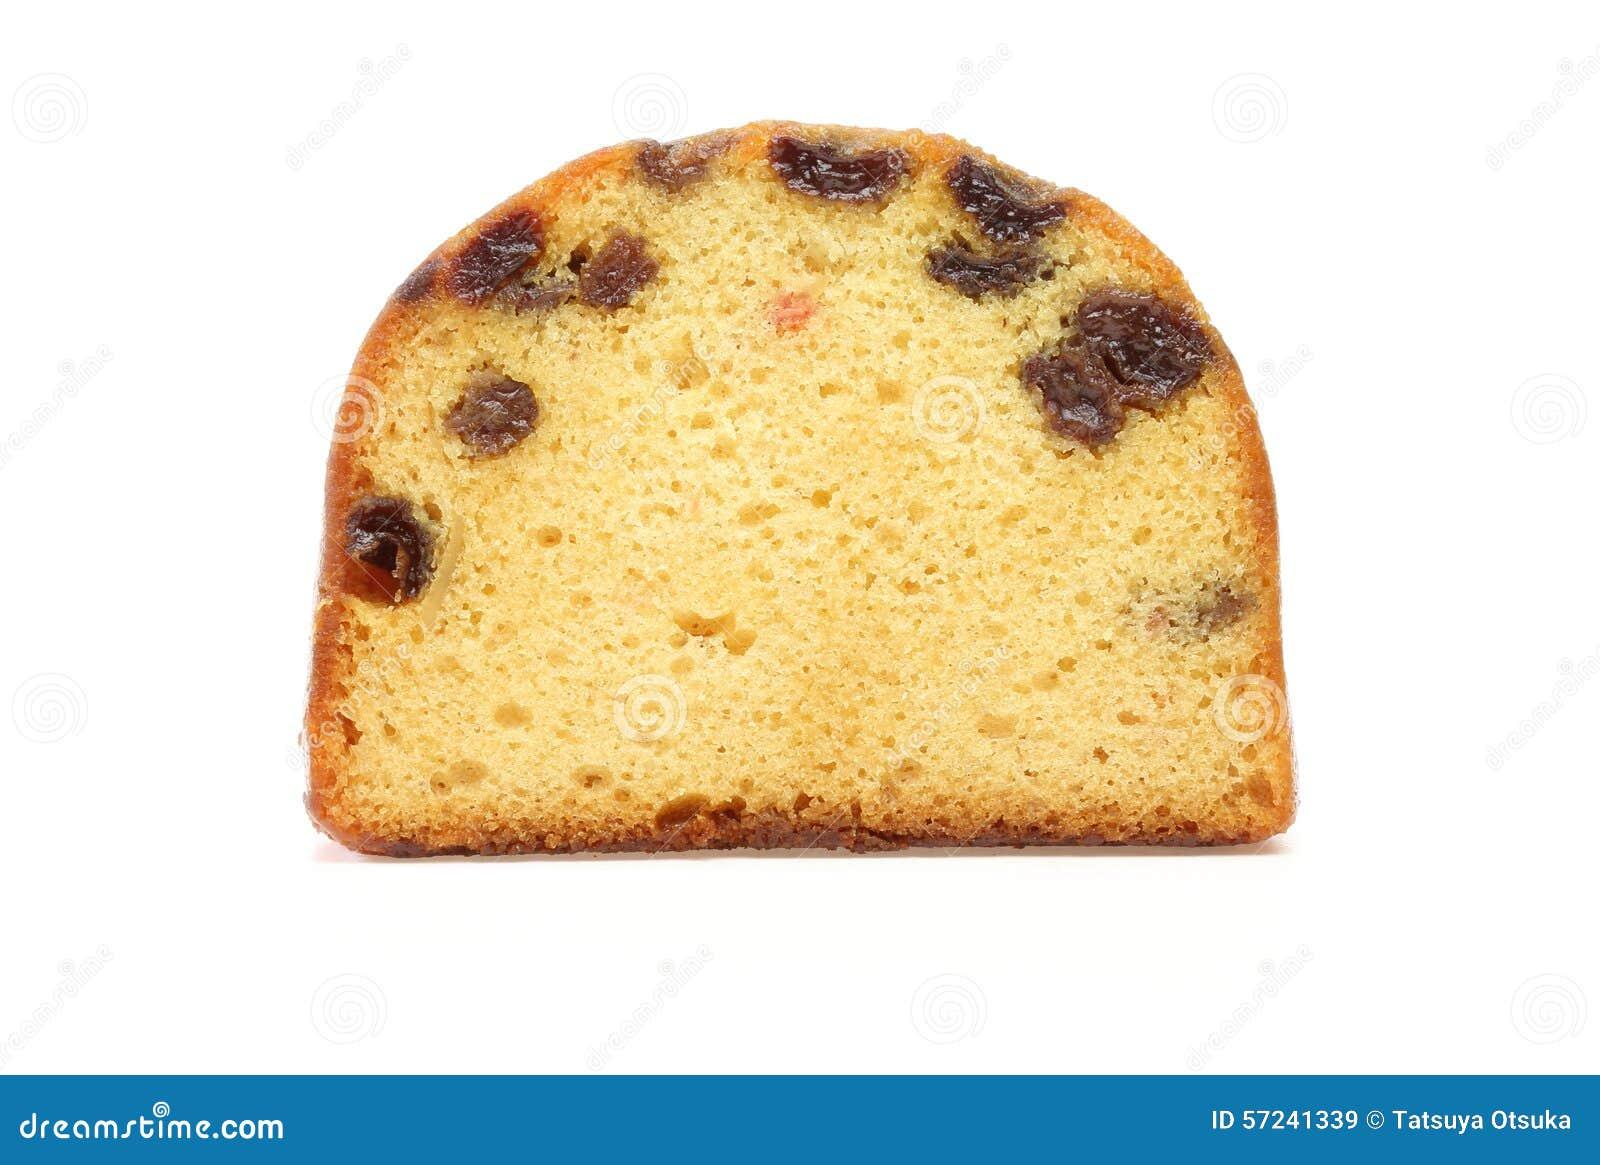 重糖重油蛋糕